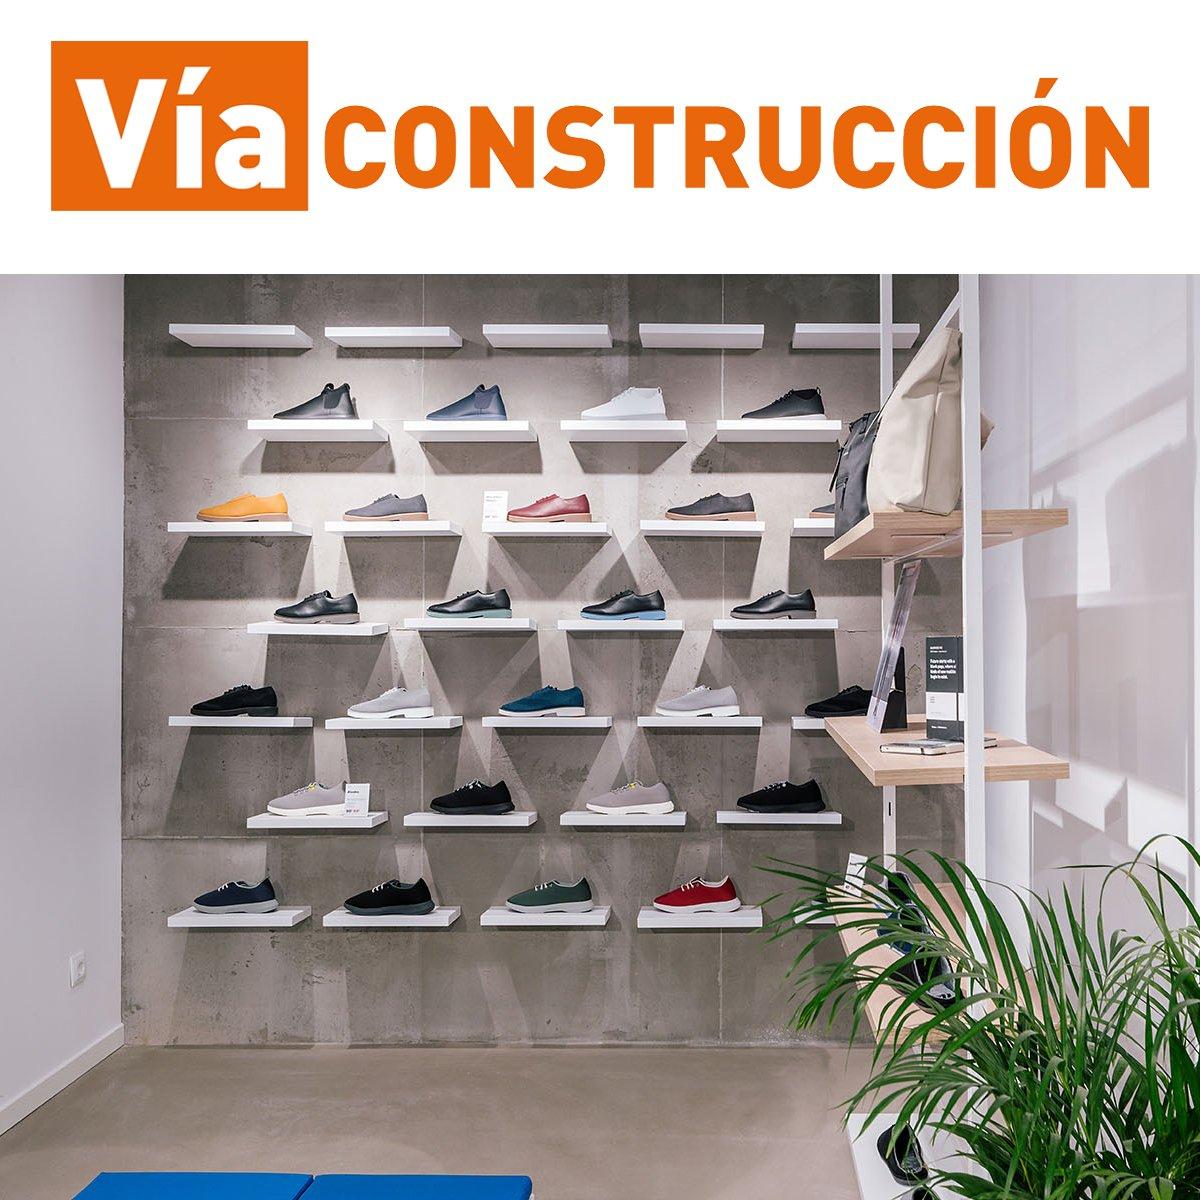 Revista Vía Construcción